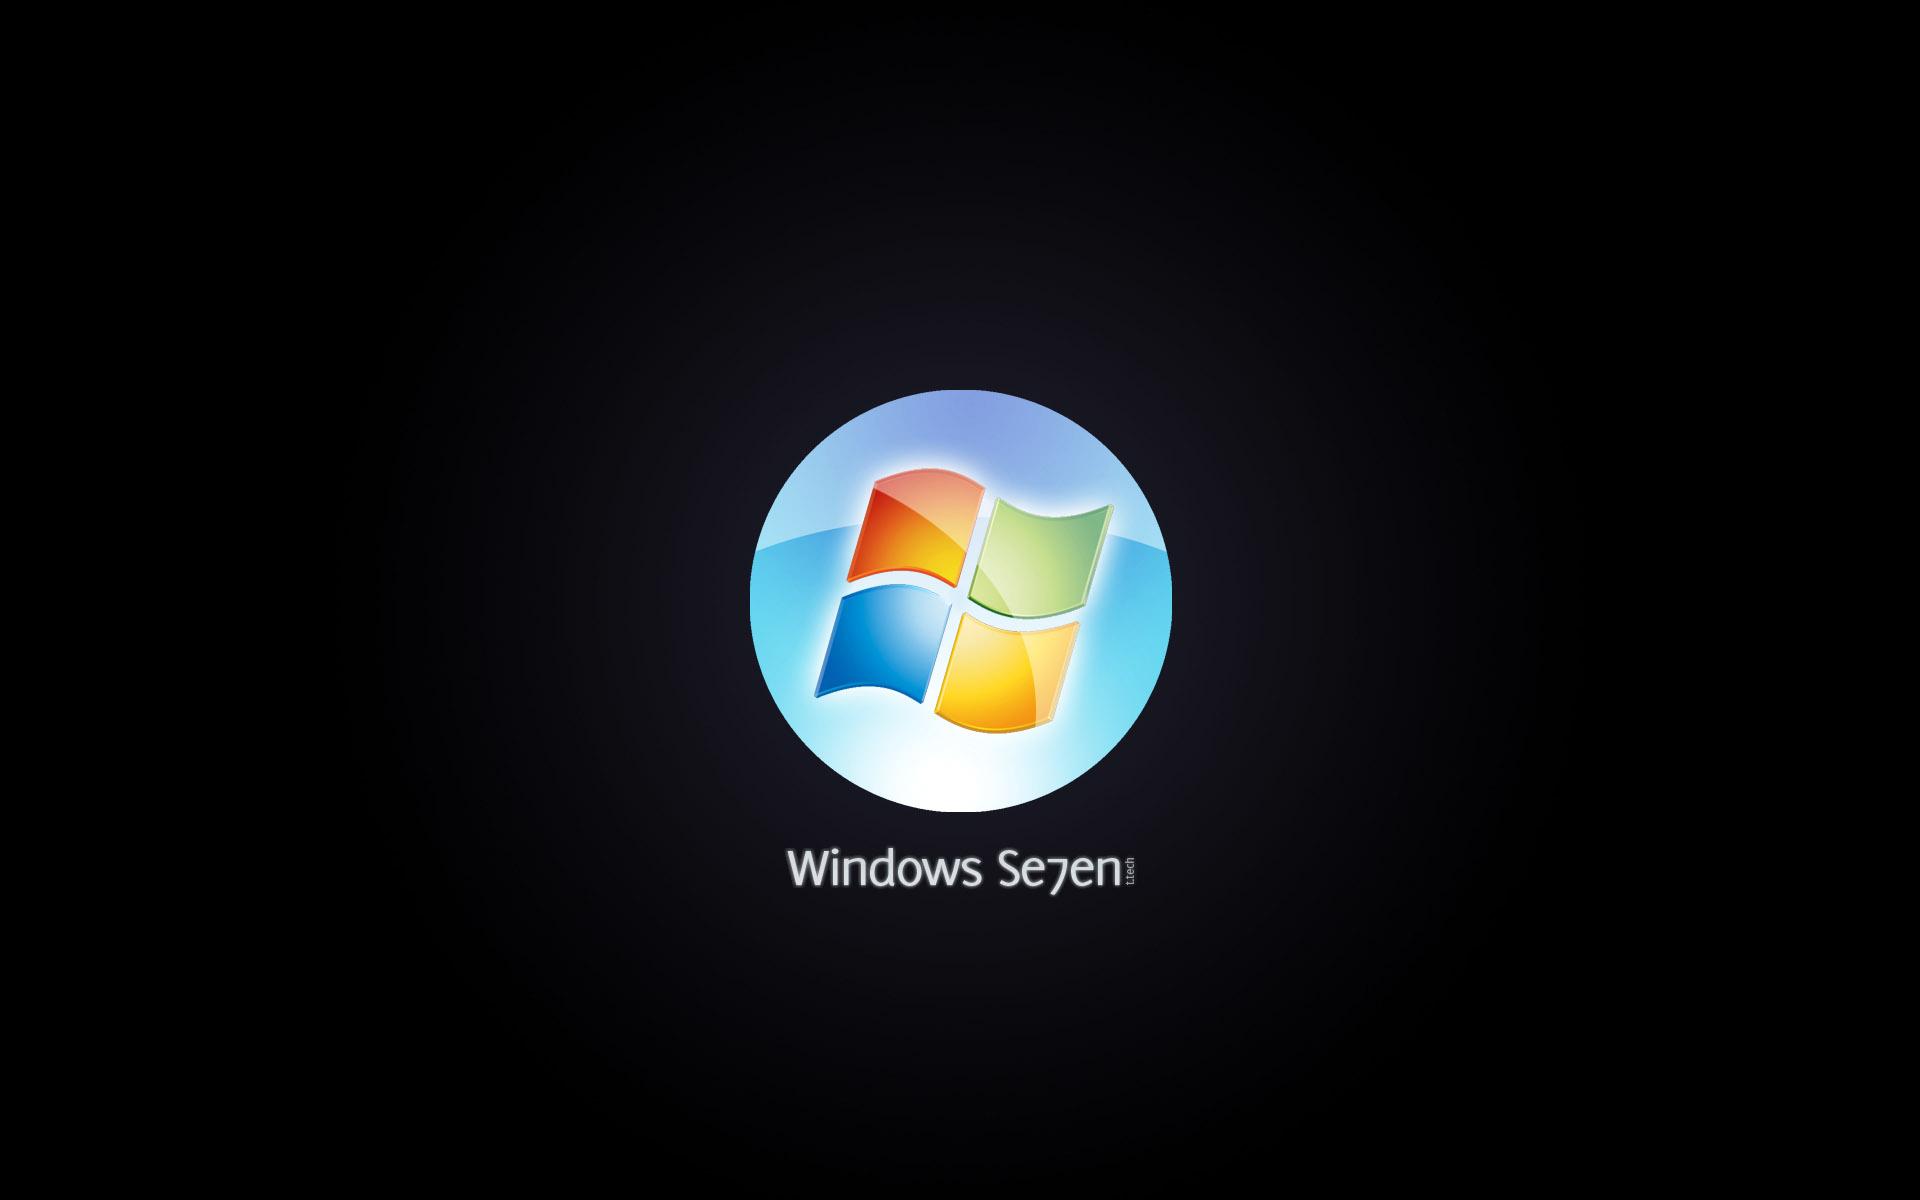 1200windows 7高清壁纸壁纸,windows 7高清壁纸壁纸图片 其他壁纸 图片